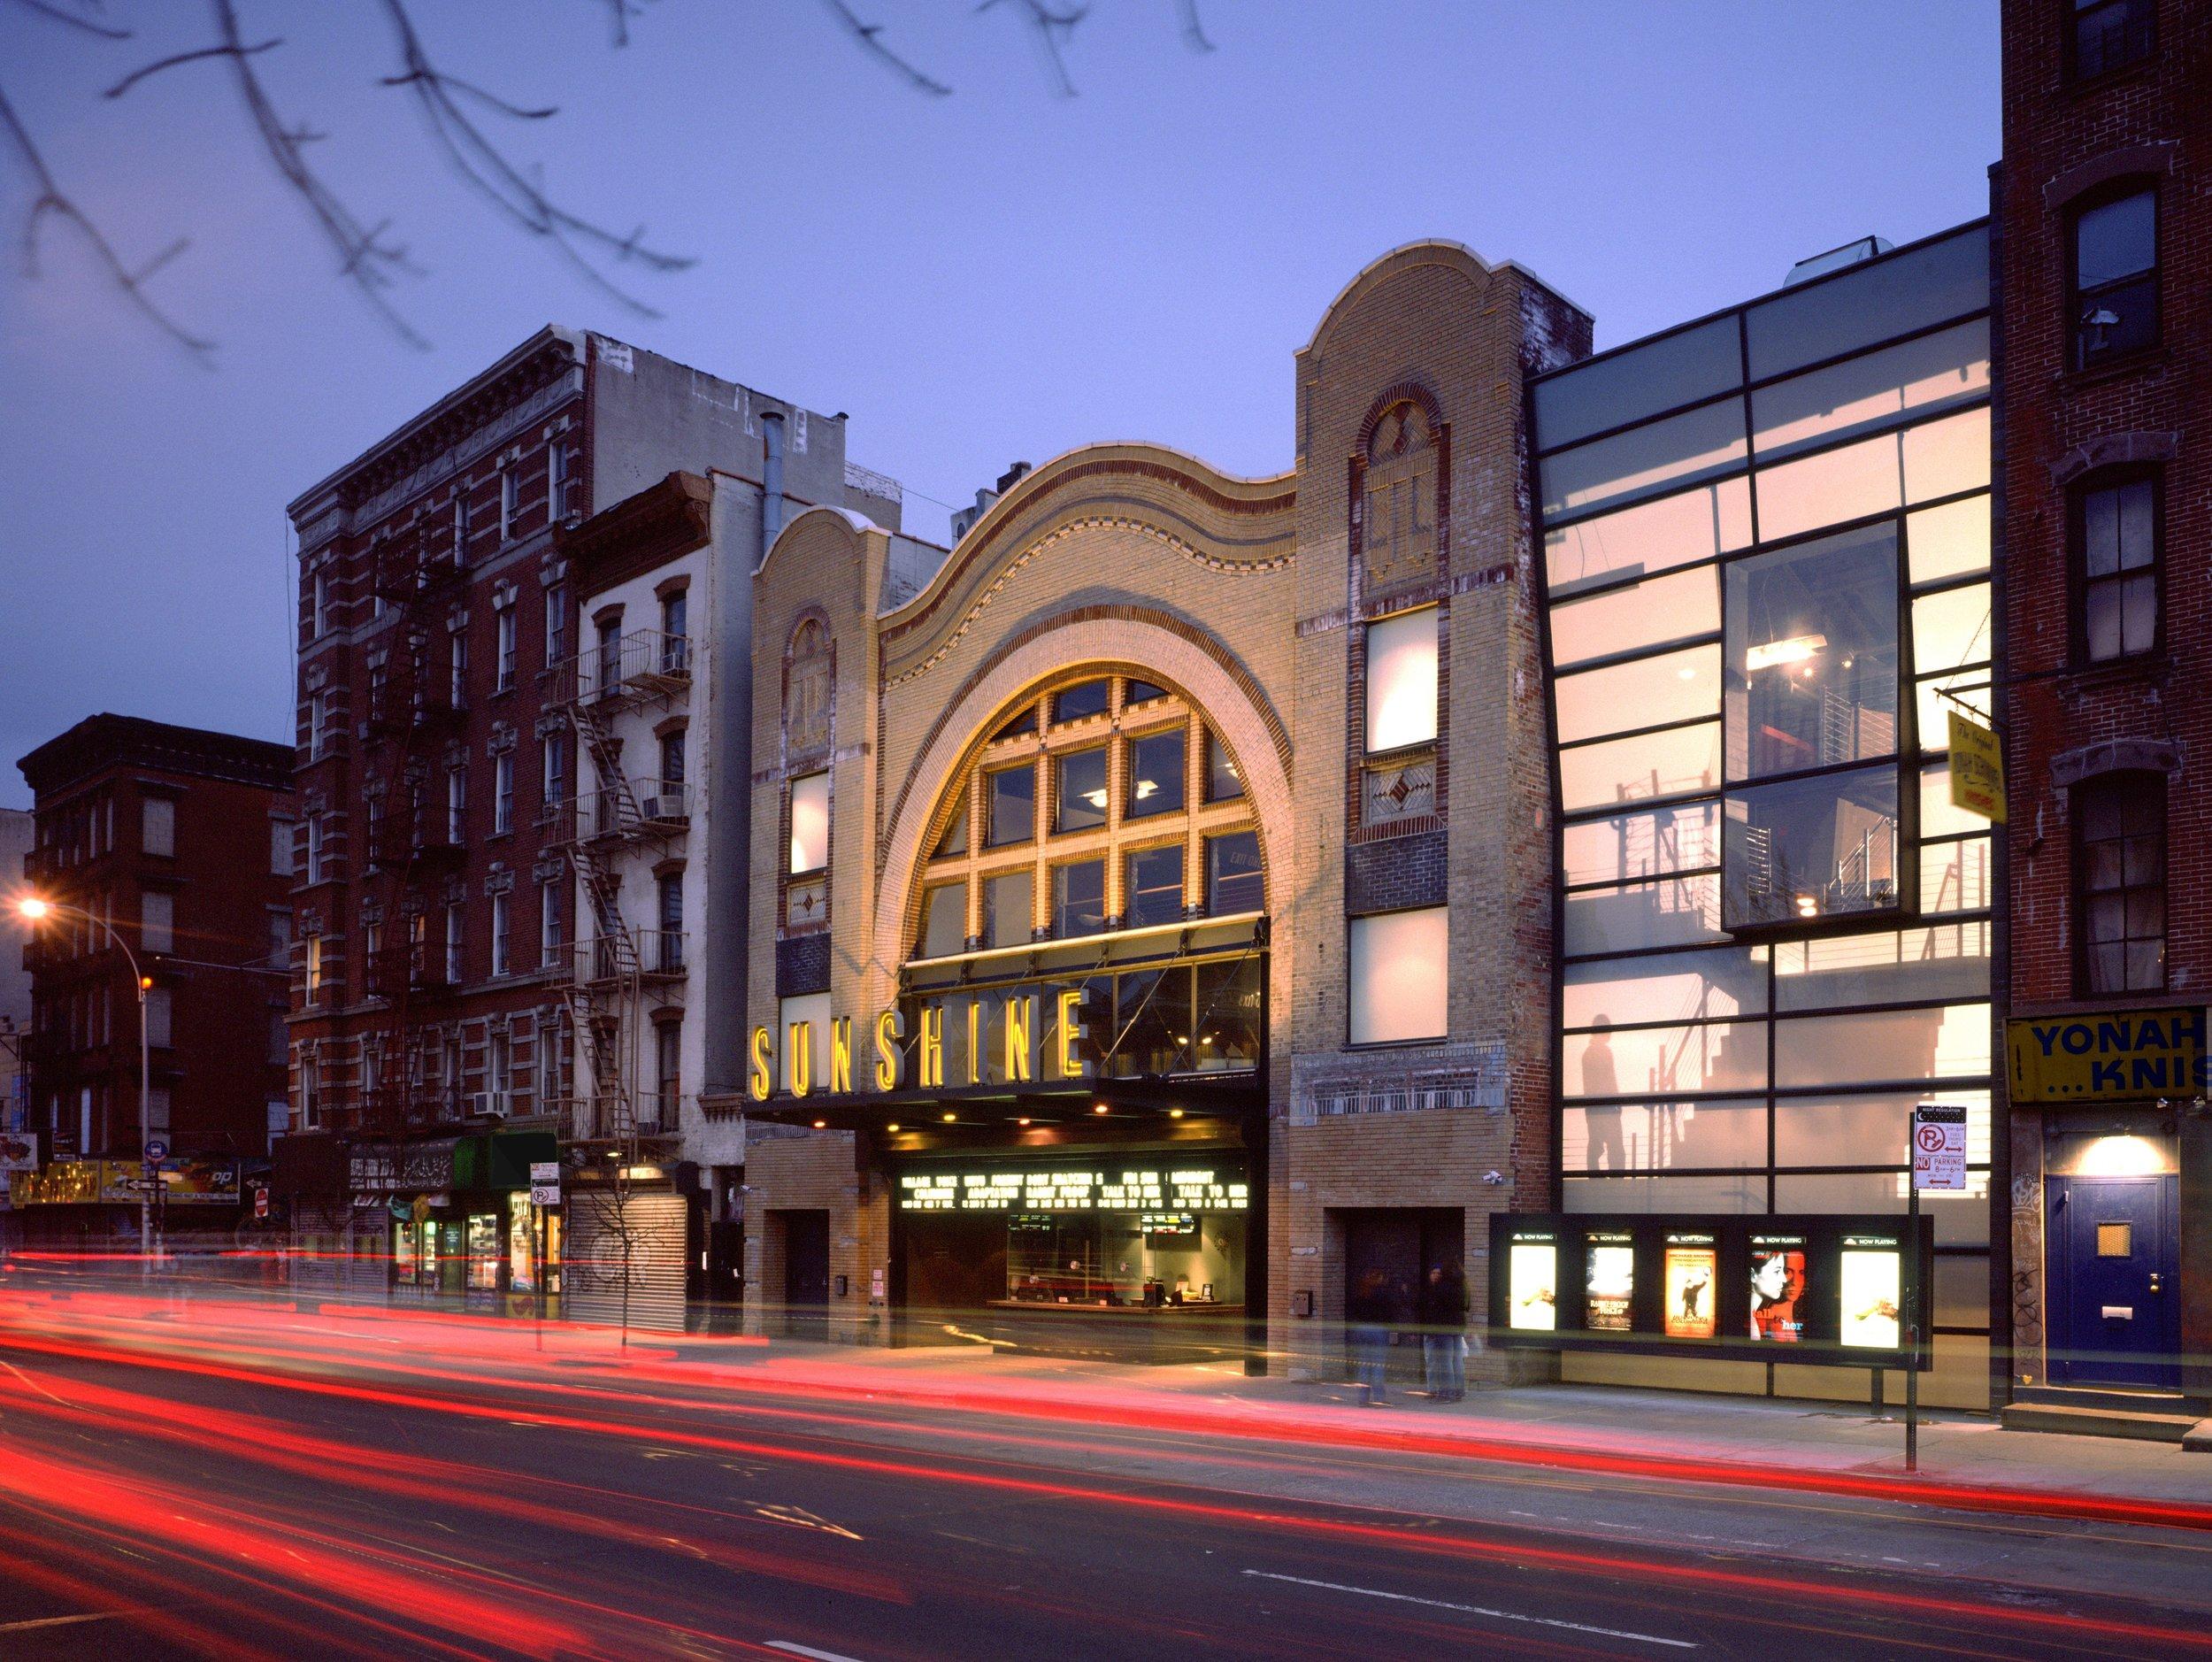 The Sunshine Theatre